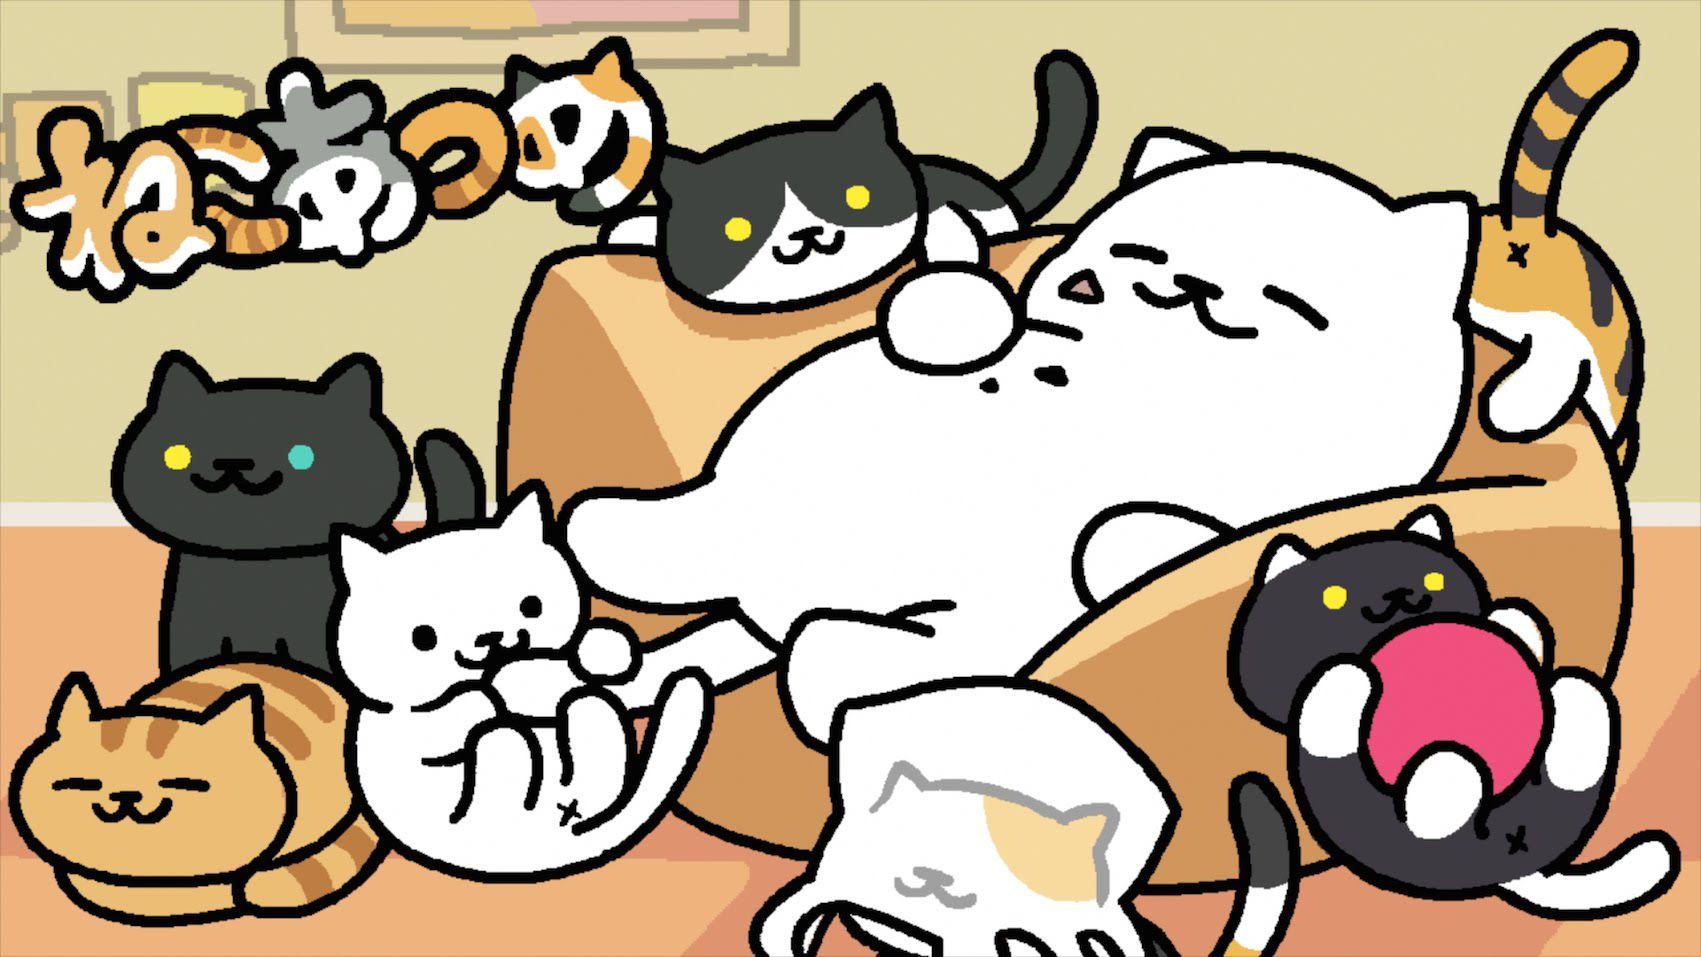 【猫の日】ねこのゲームキャラクターって意外といねぇ...。